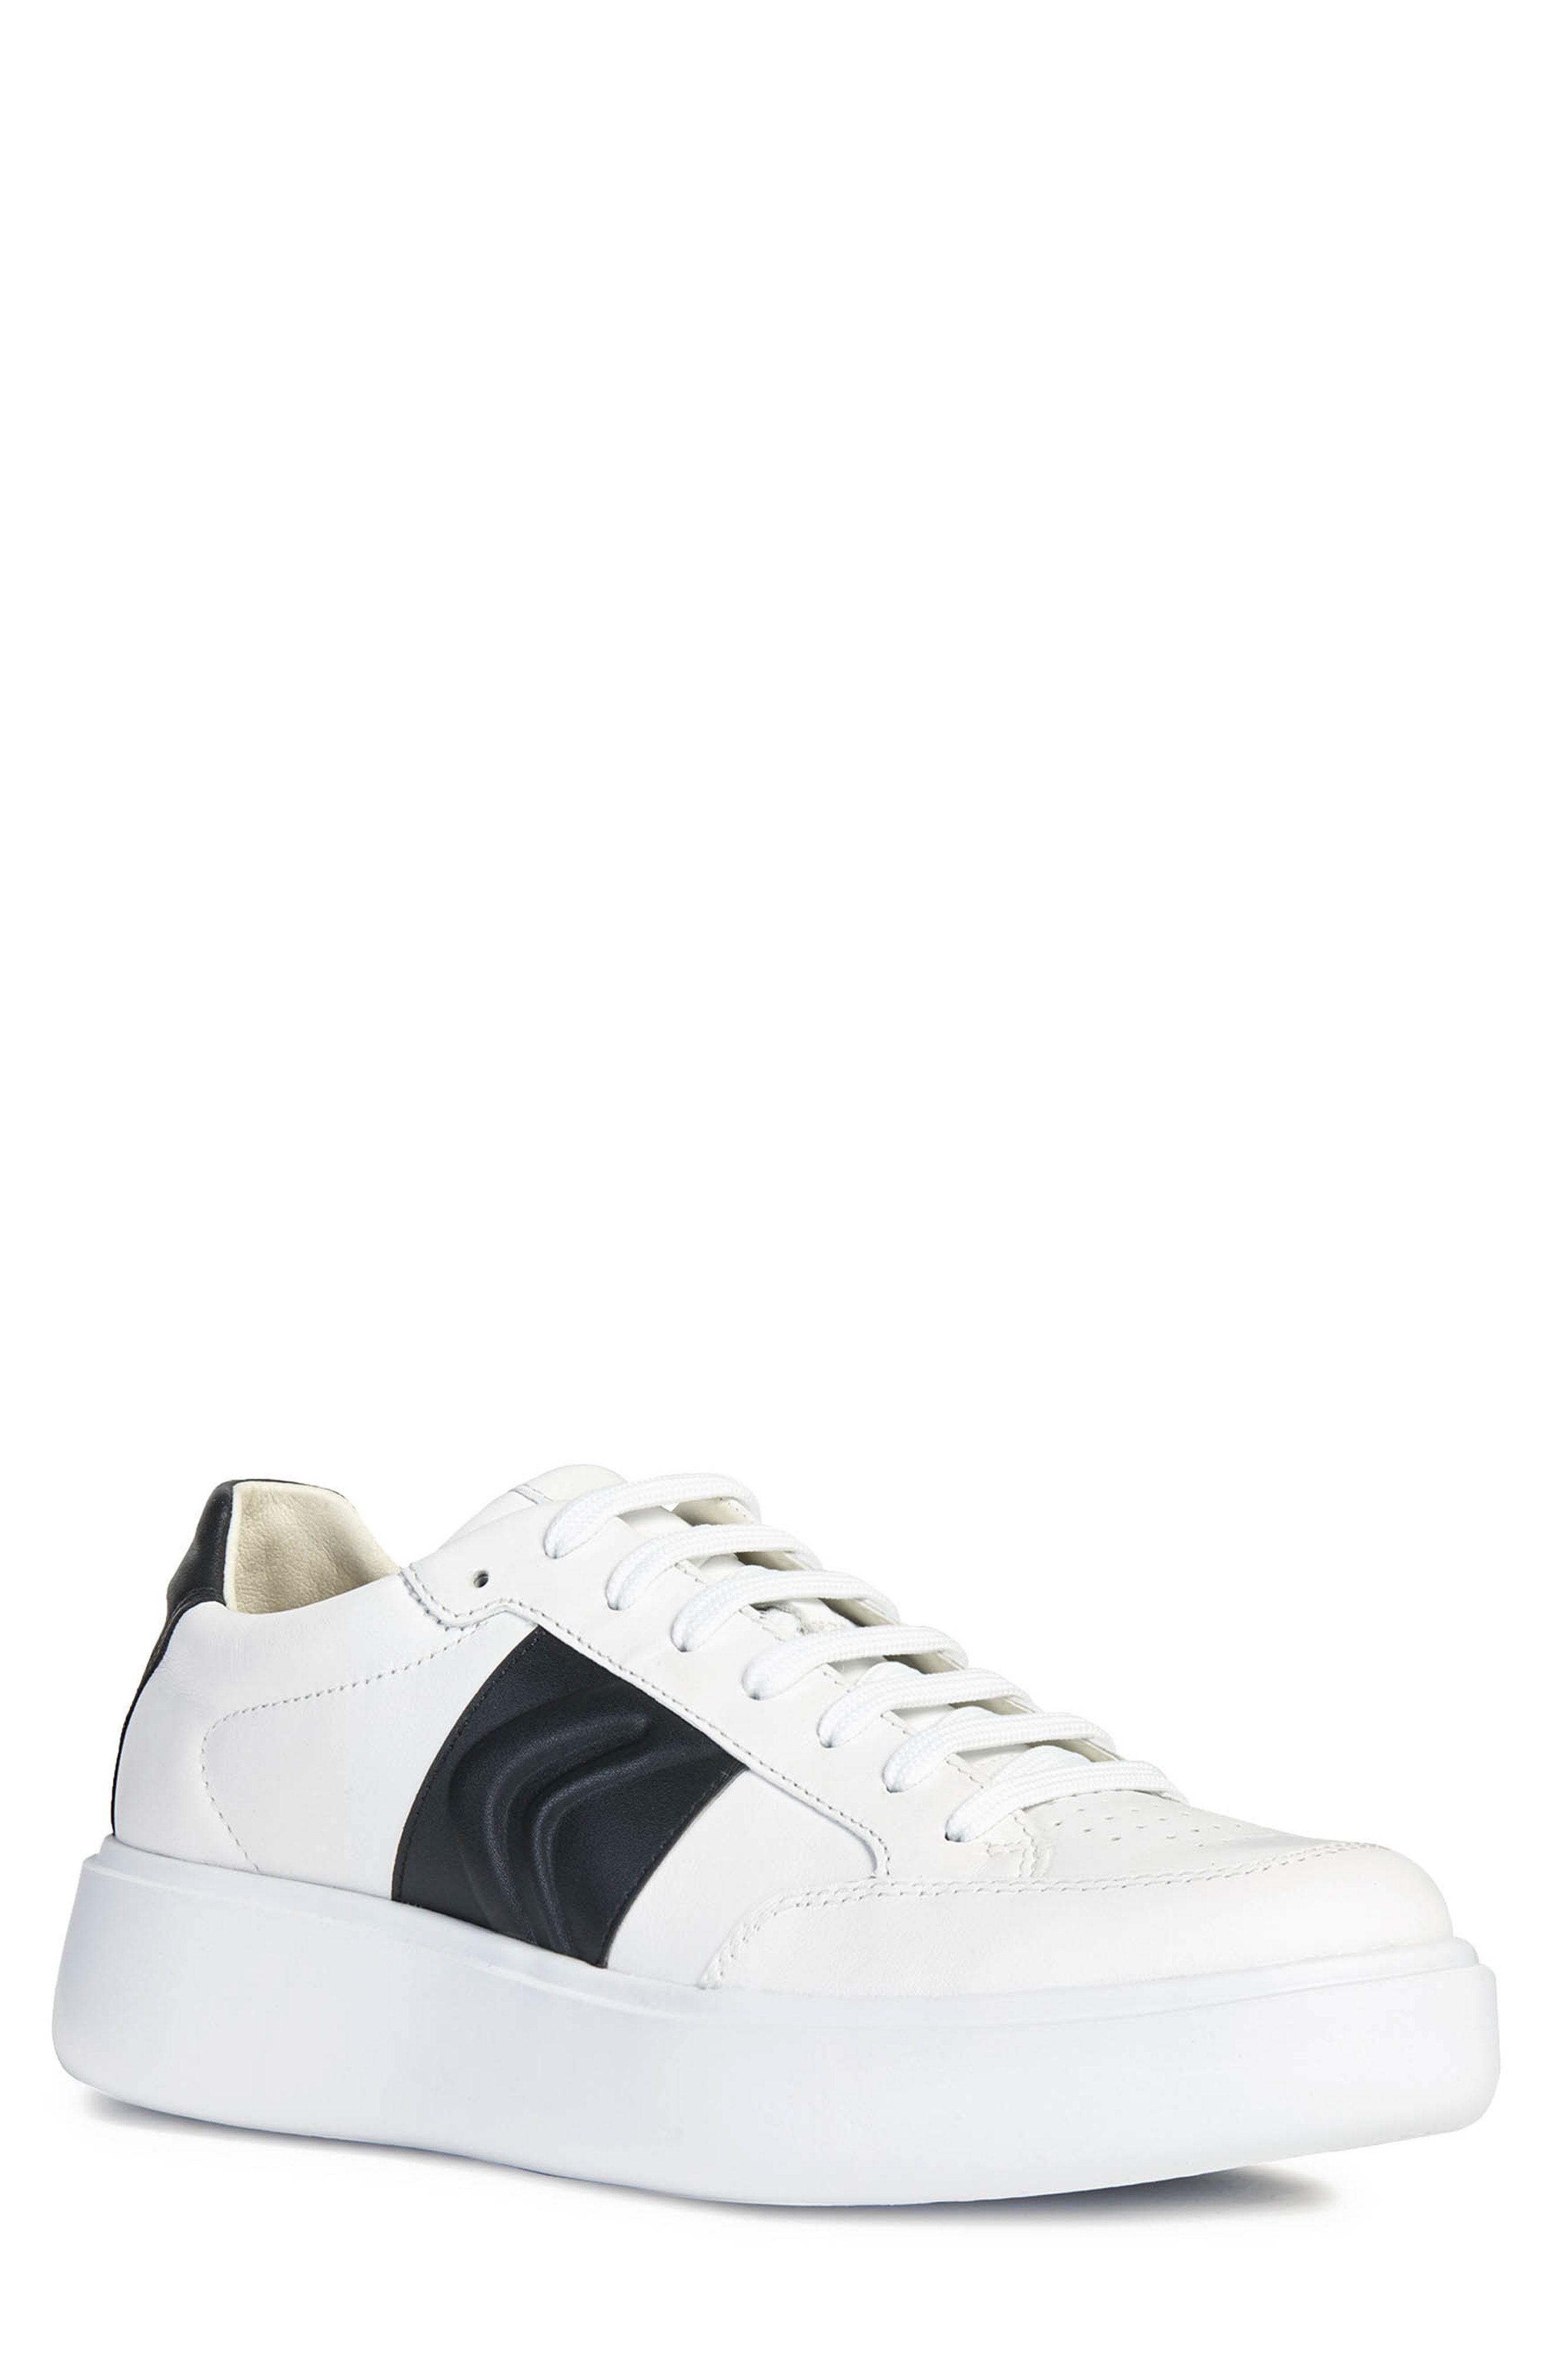 cc805e2408 GEOX OTTAYA 1 SNEAKER. #geox #shoes | Geox in 2019 | Sneakers ...